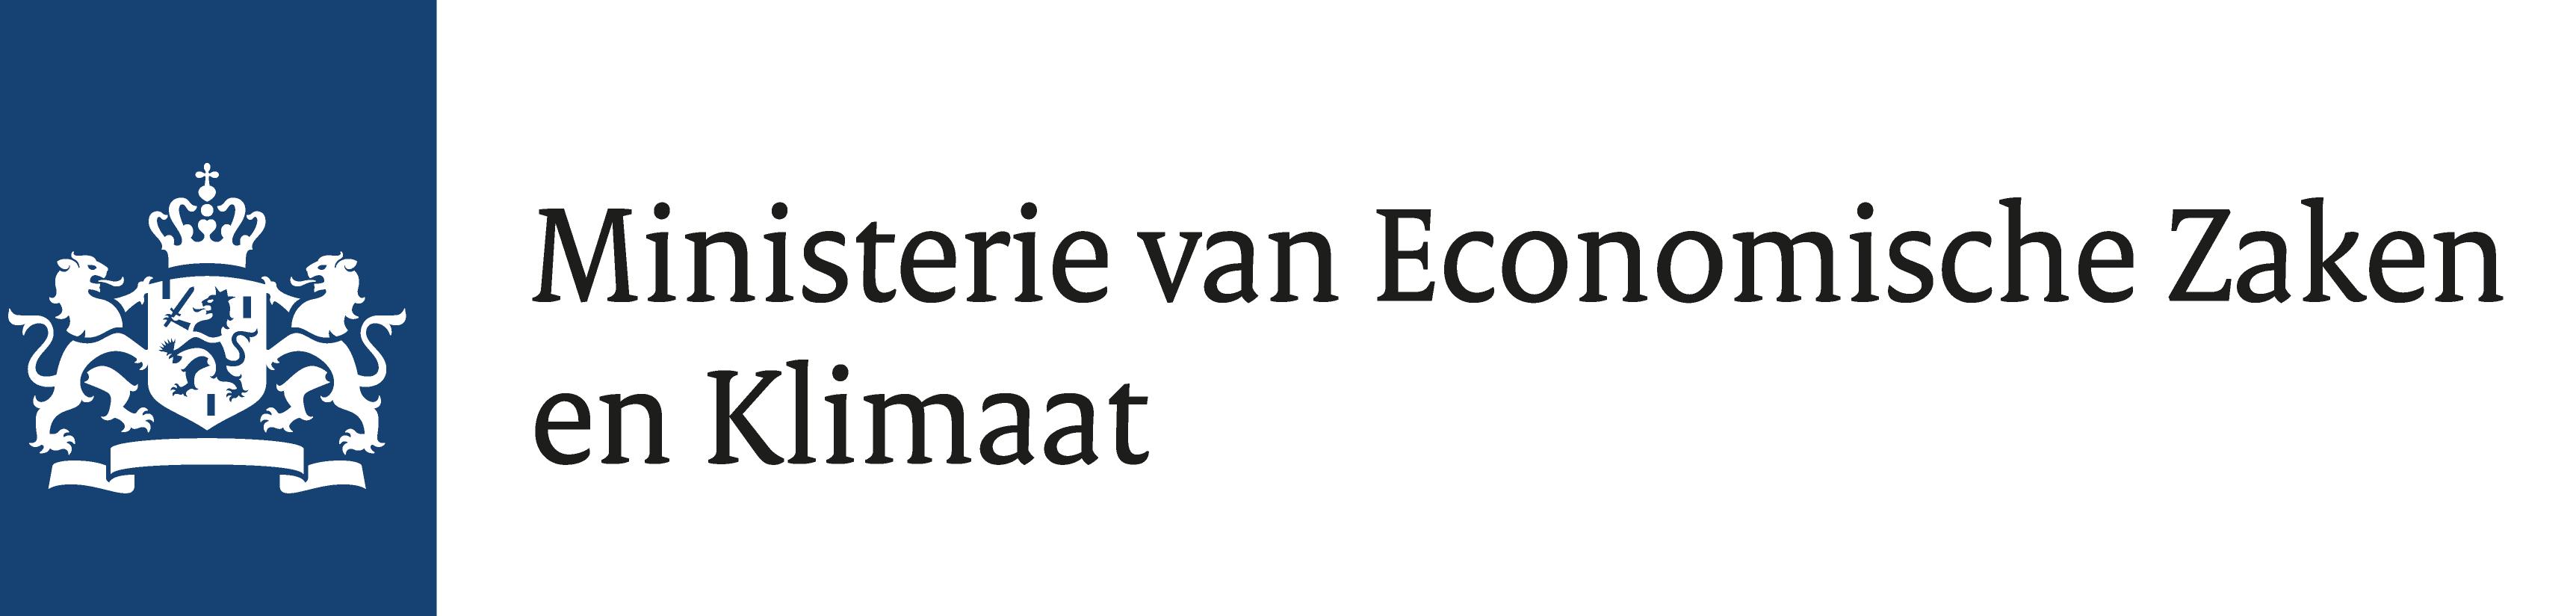 Ministerie_van_Economische_Zaken_en_Klimaat_Logo.png